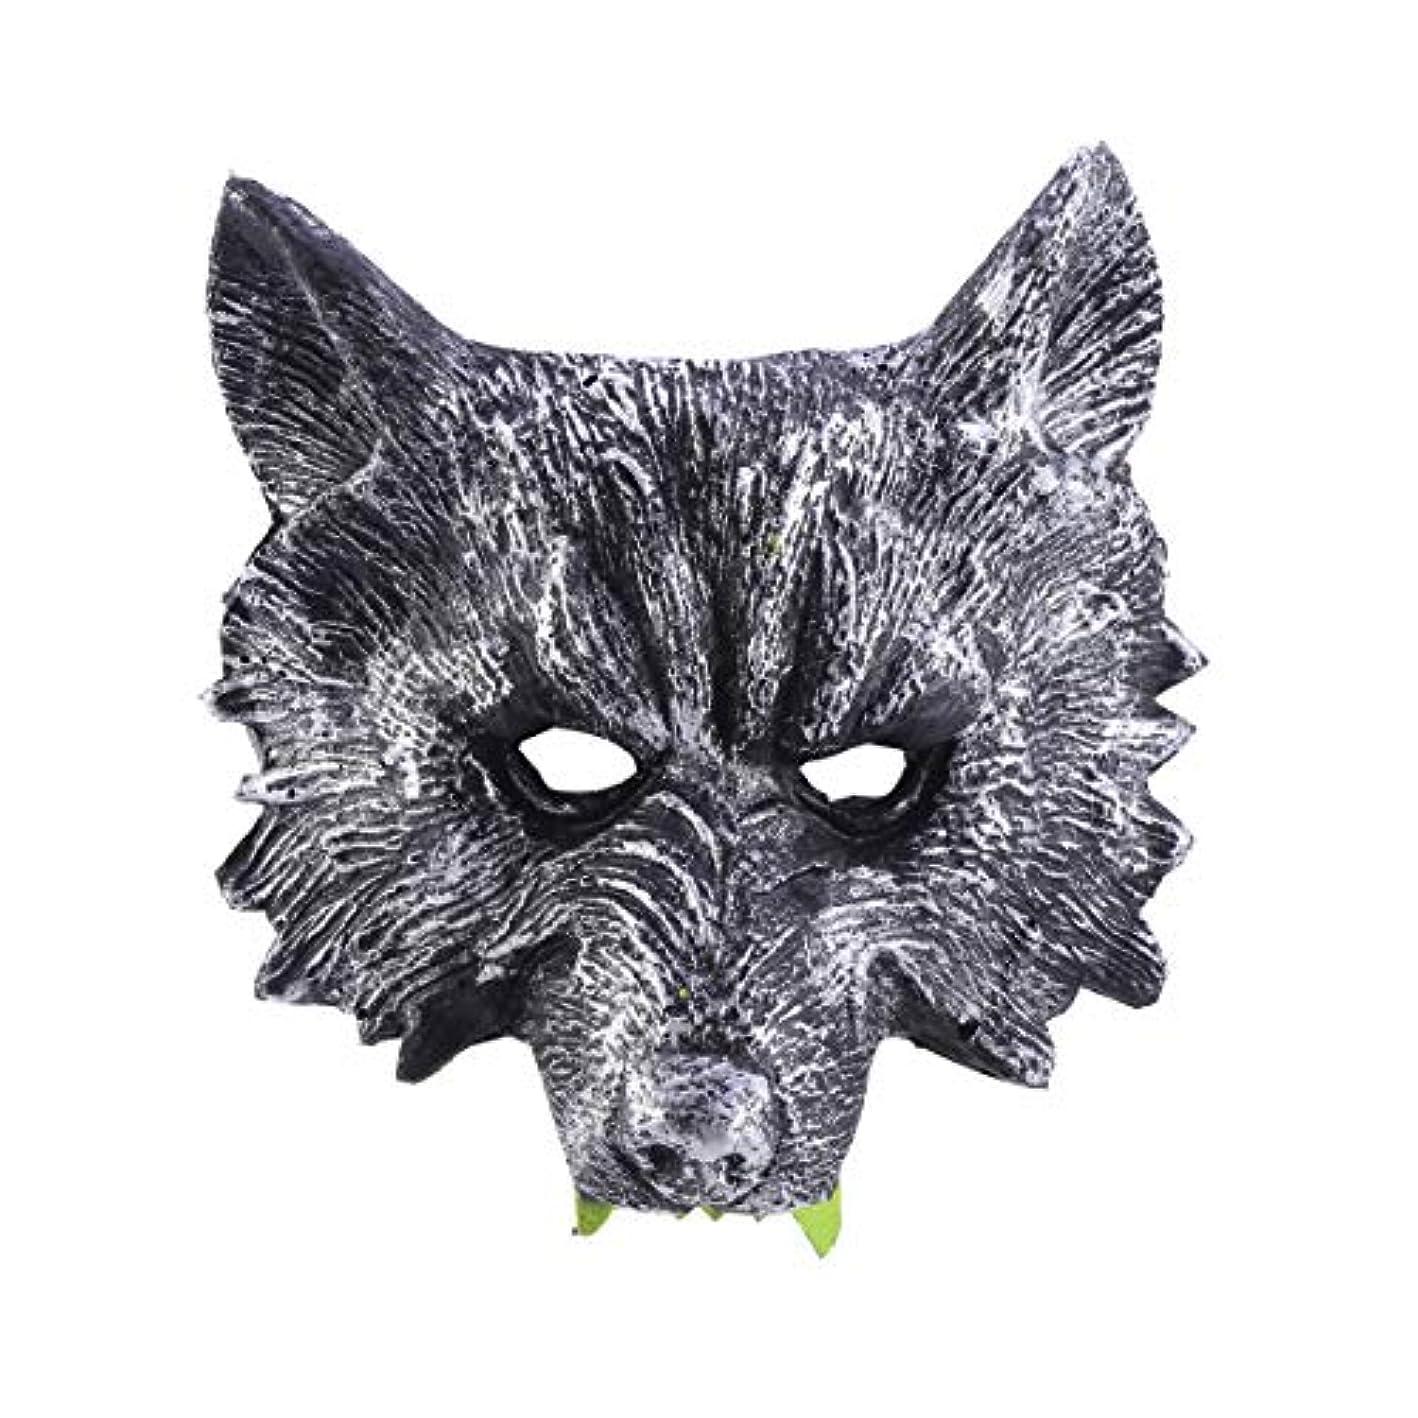 記者コカイン事実上Toyvian ハロウィーン仮装パーティーのための灰色オオカミマスク